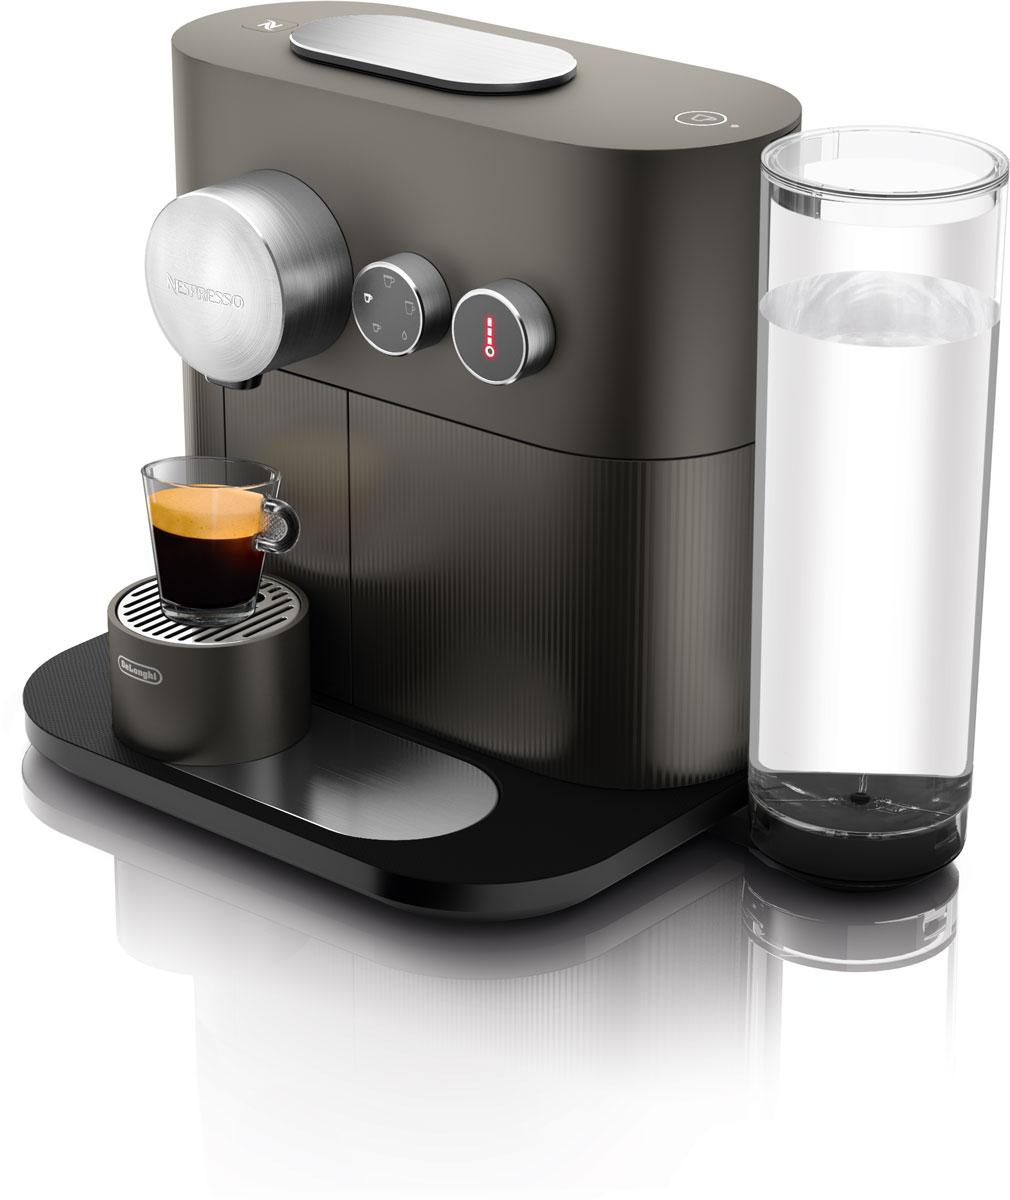 DeLonghi Nespresso Expert EN350.G, Dark Gray капсульная кофемашина - Кофеварки и кофемашины